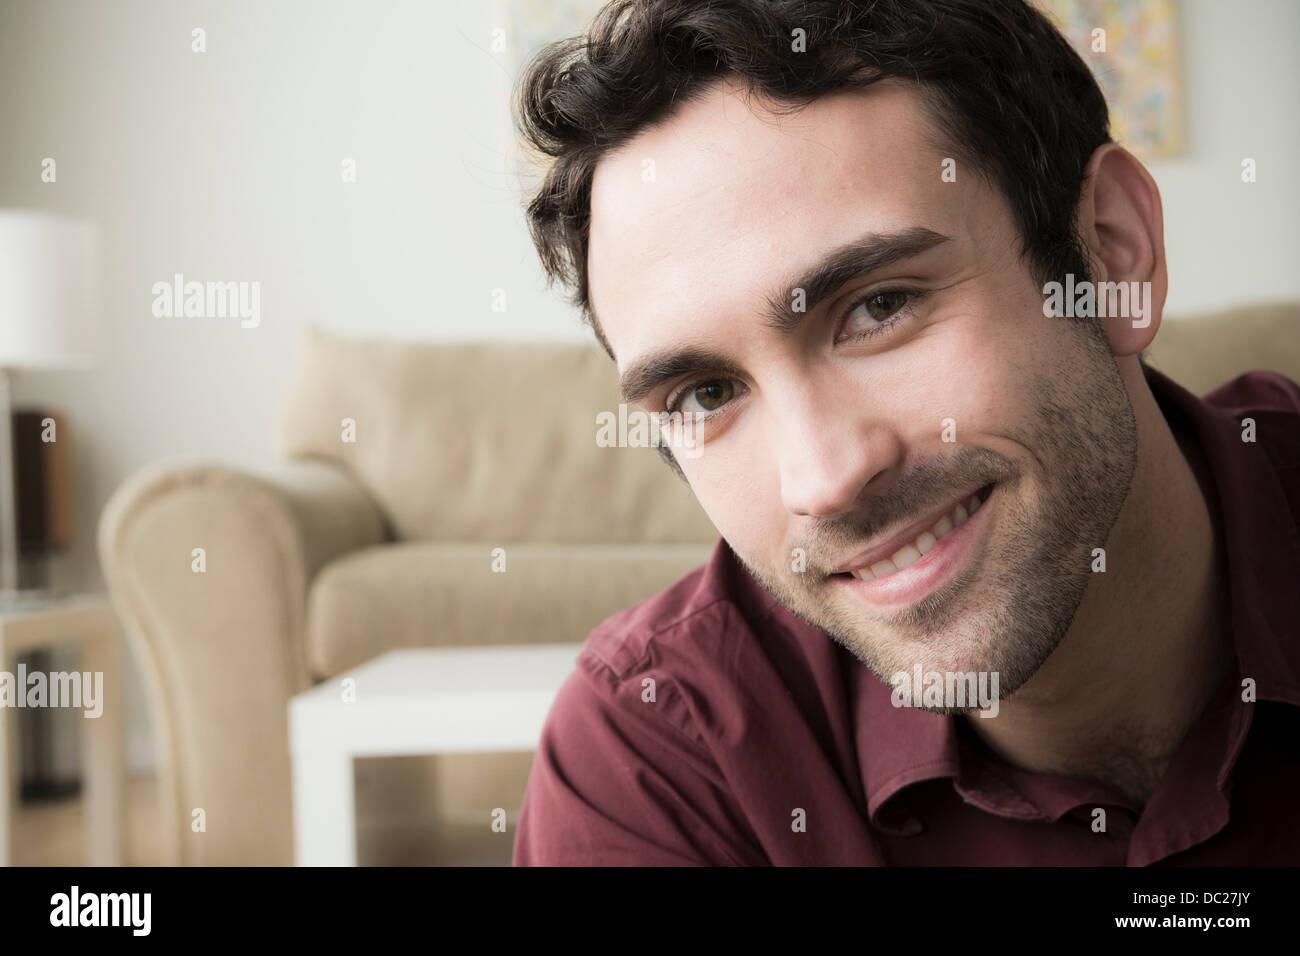 Ritratto di giovane uomo con i capelli neri, sorridente Immagini Stock